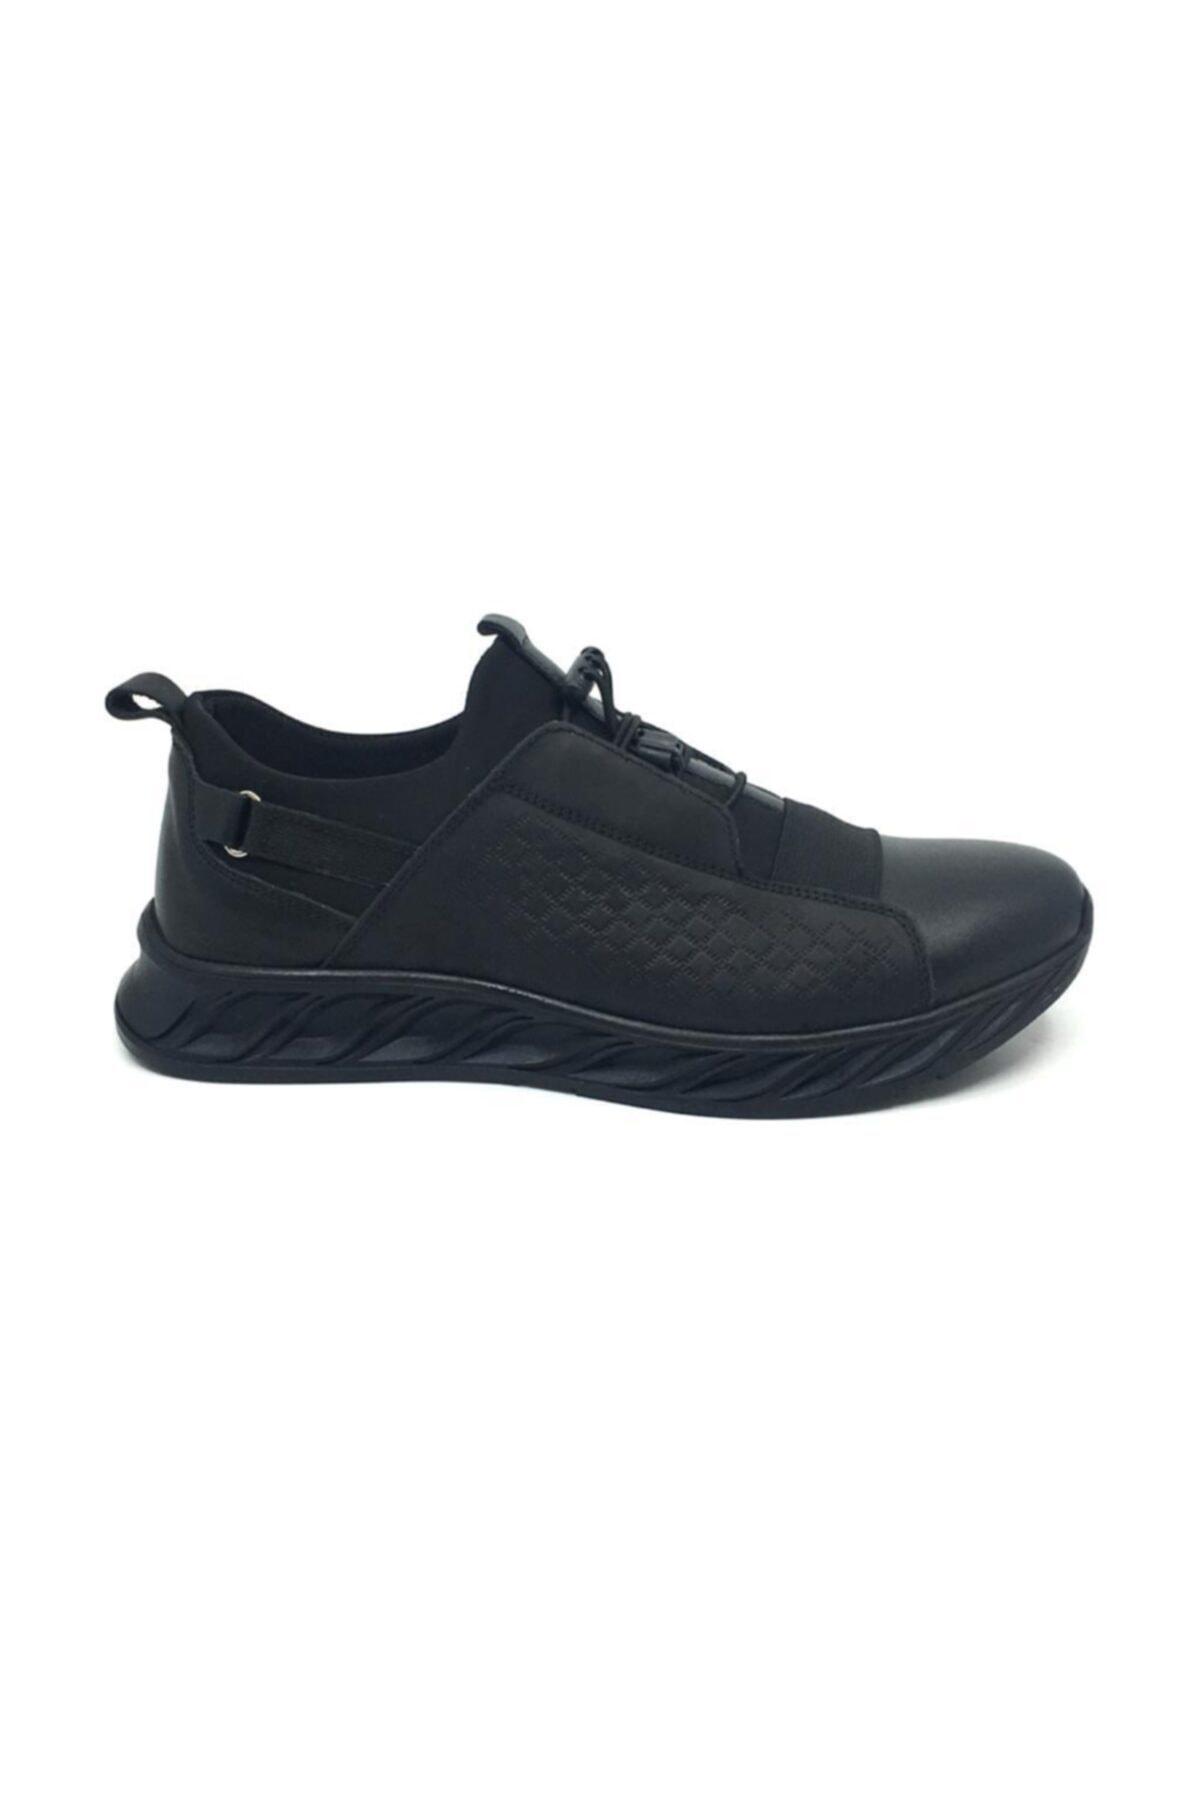 Taşpınar Erkek Siyah Kışlık Ayakkabı 2